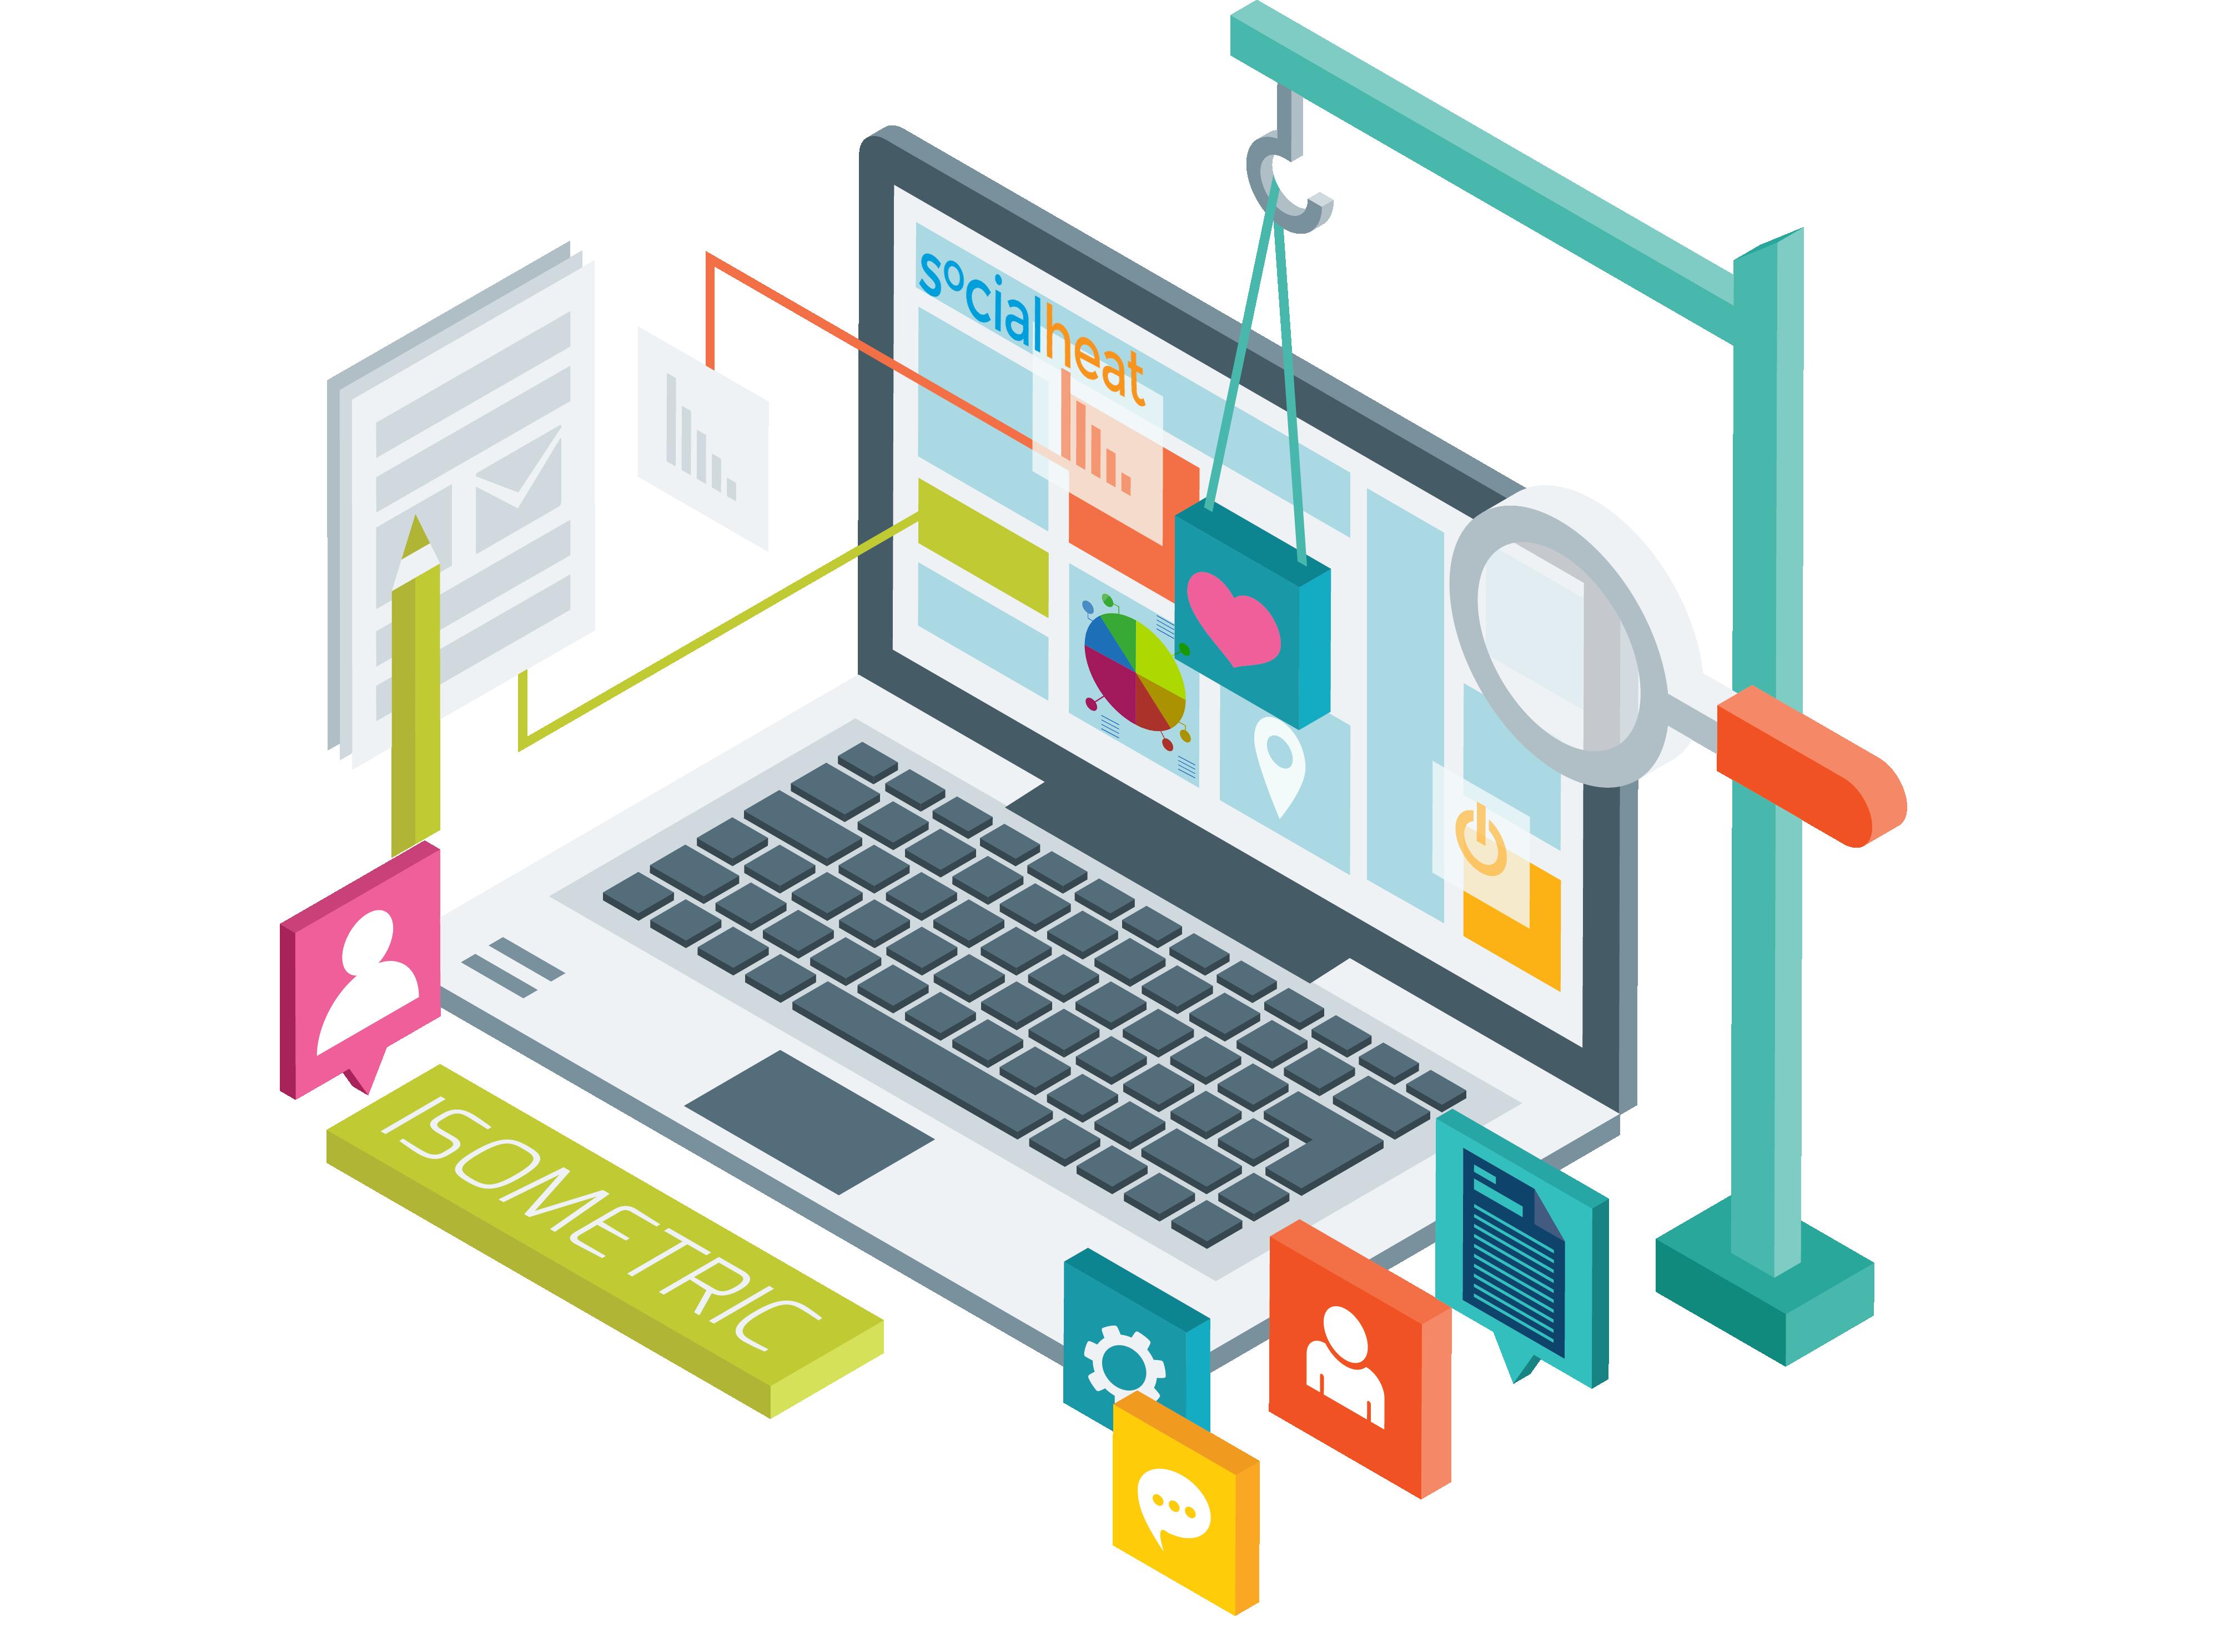 web designer tools.png